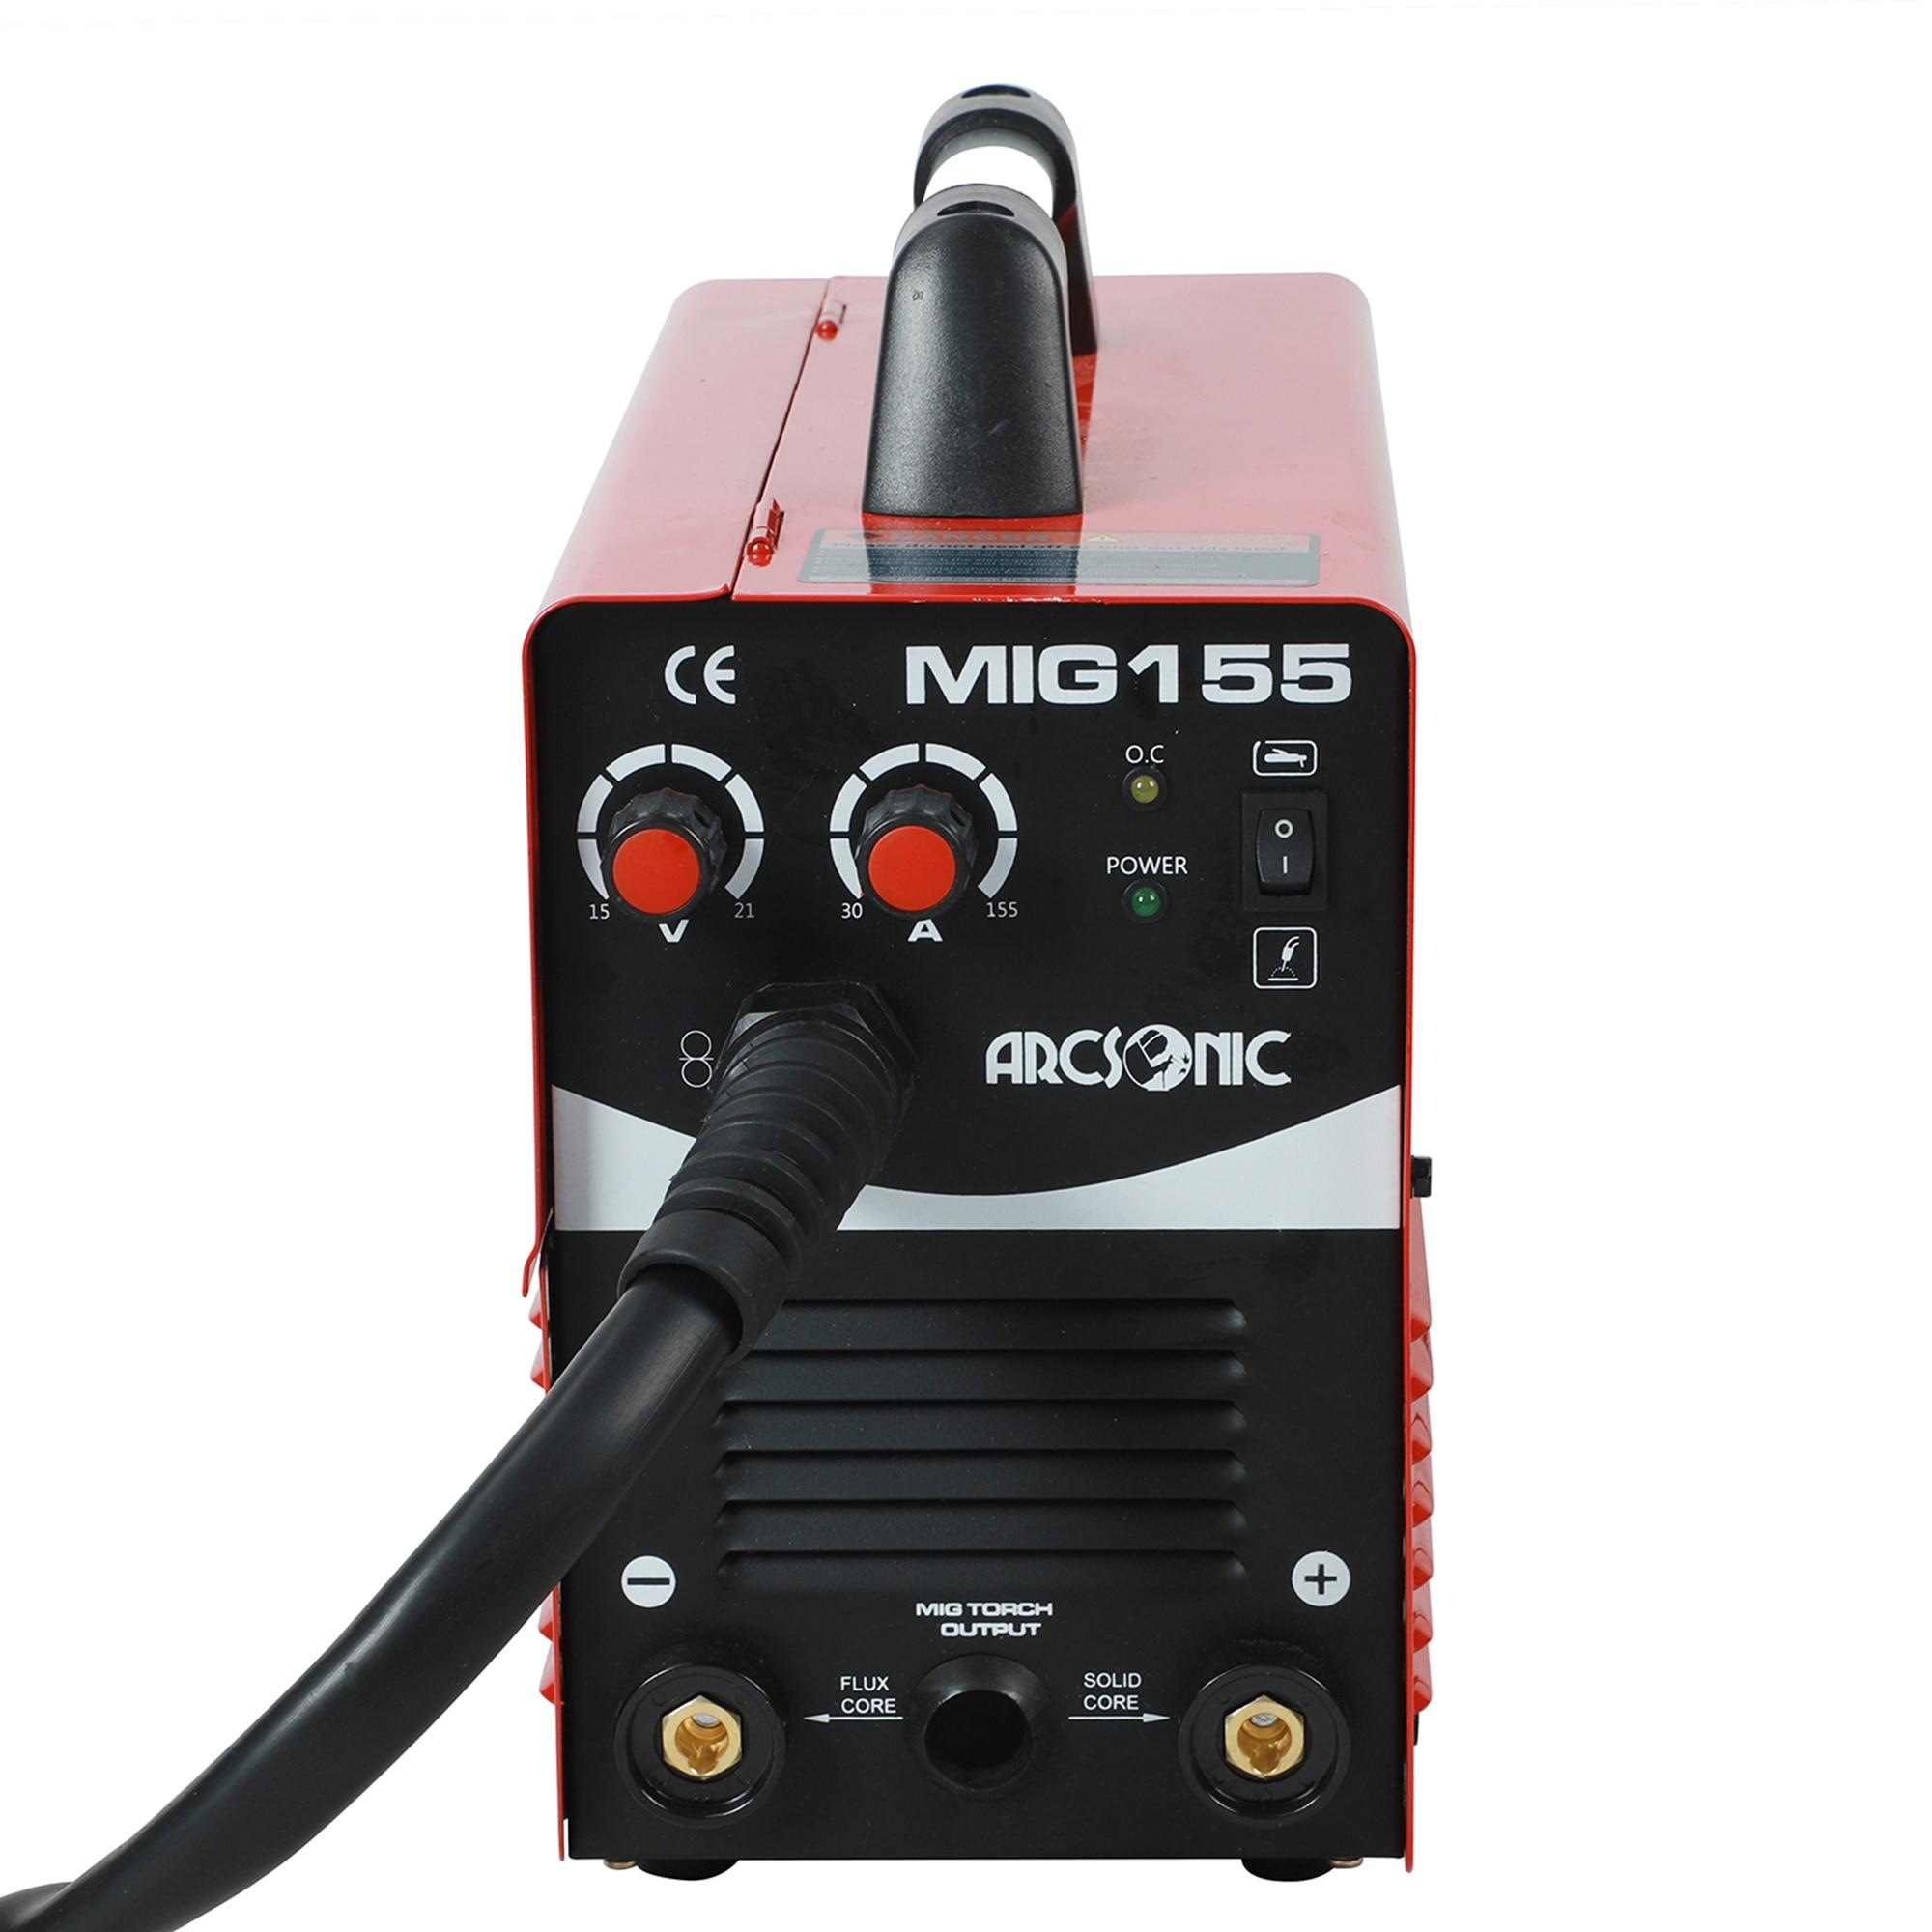 MIG155 IGBT Gas/Kein Gas Mig Schweißer 220V Flux Core Draht Stahl Schweißen Maschine Tragbare DC 2 in 1 Mig Schweißen MMA Schweißer